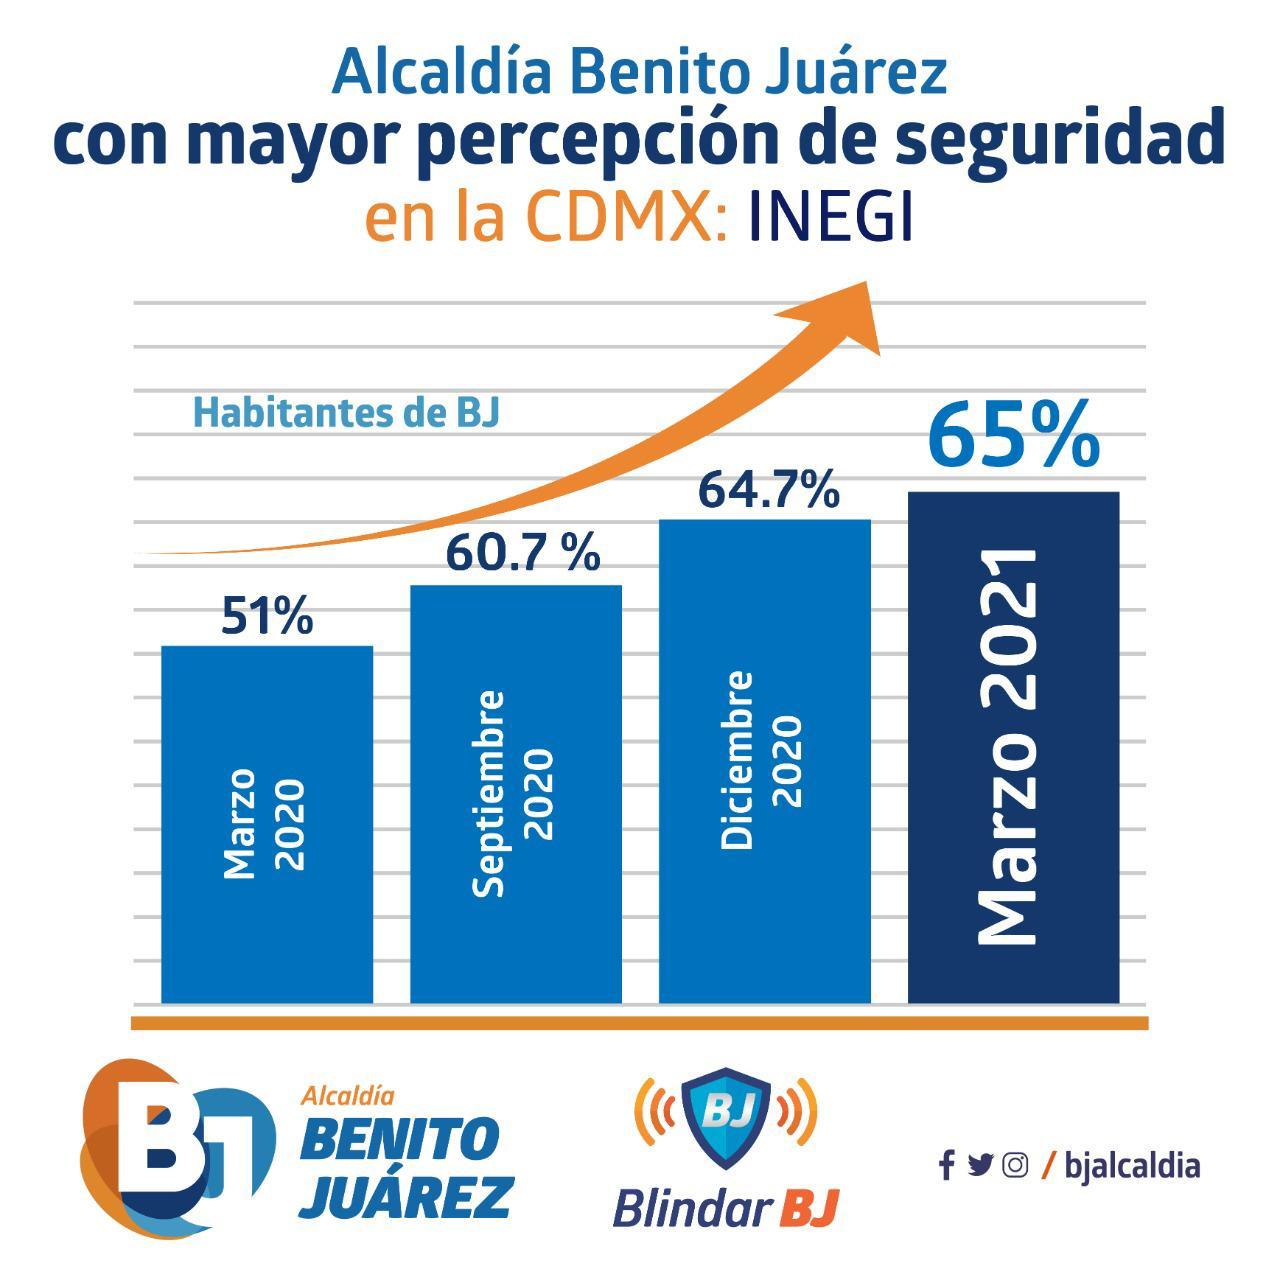 Alcaldía Benito Juárez con mayor percepción de seguridad en la CDMX: INEGI